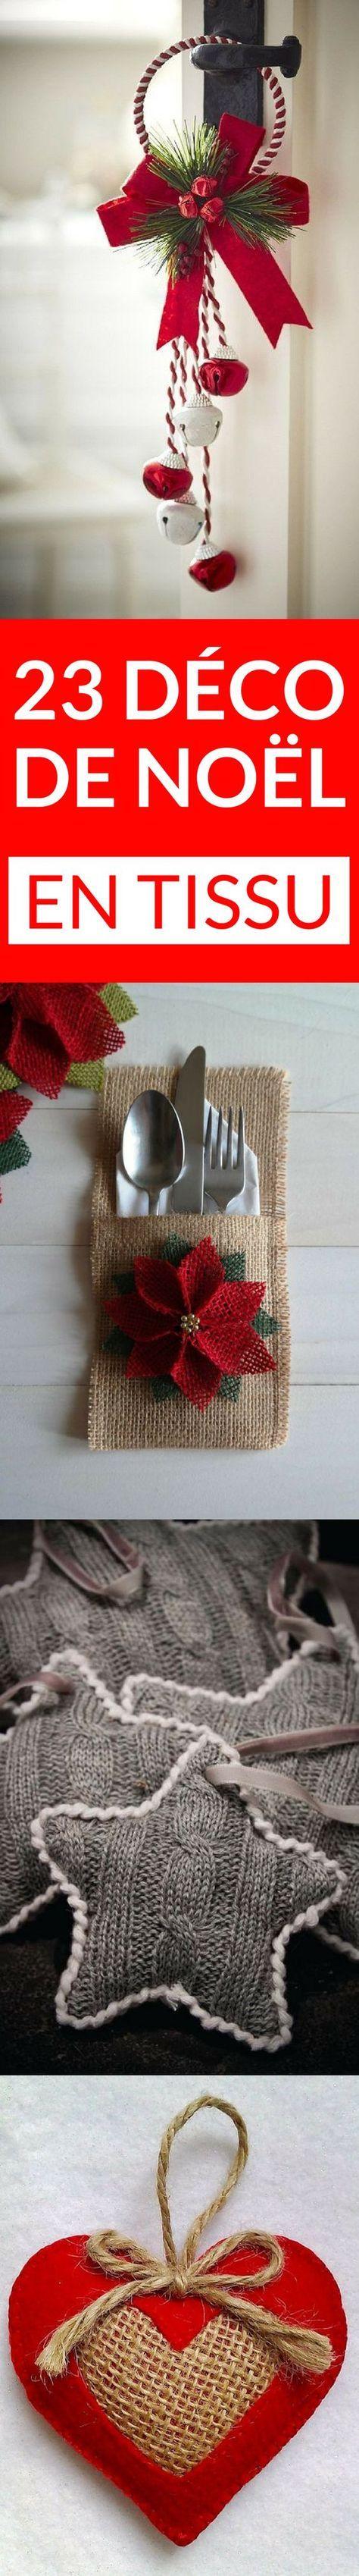 Plein d'idées pour fabriquer sa décoration de Noël en tissu !